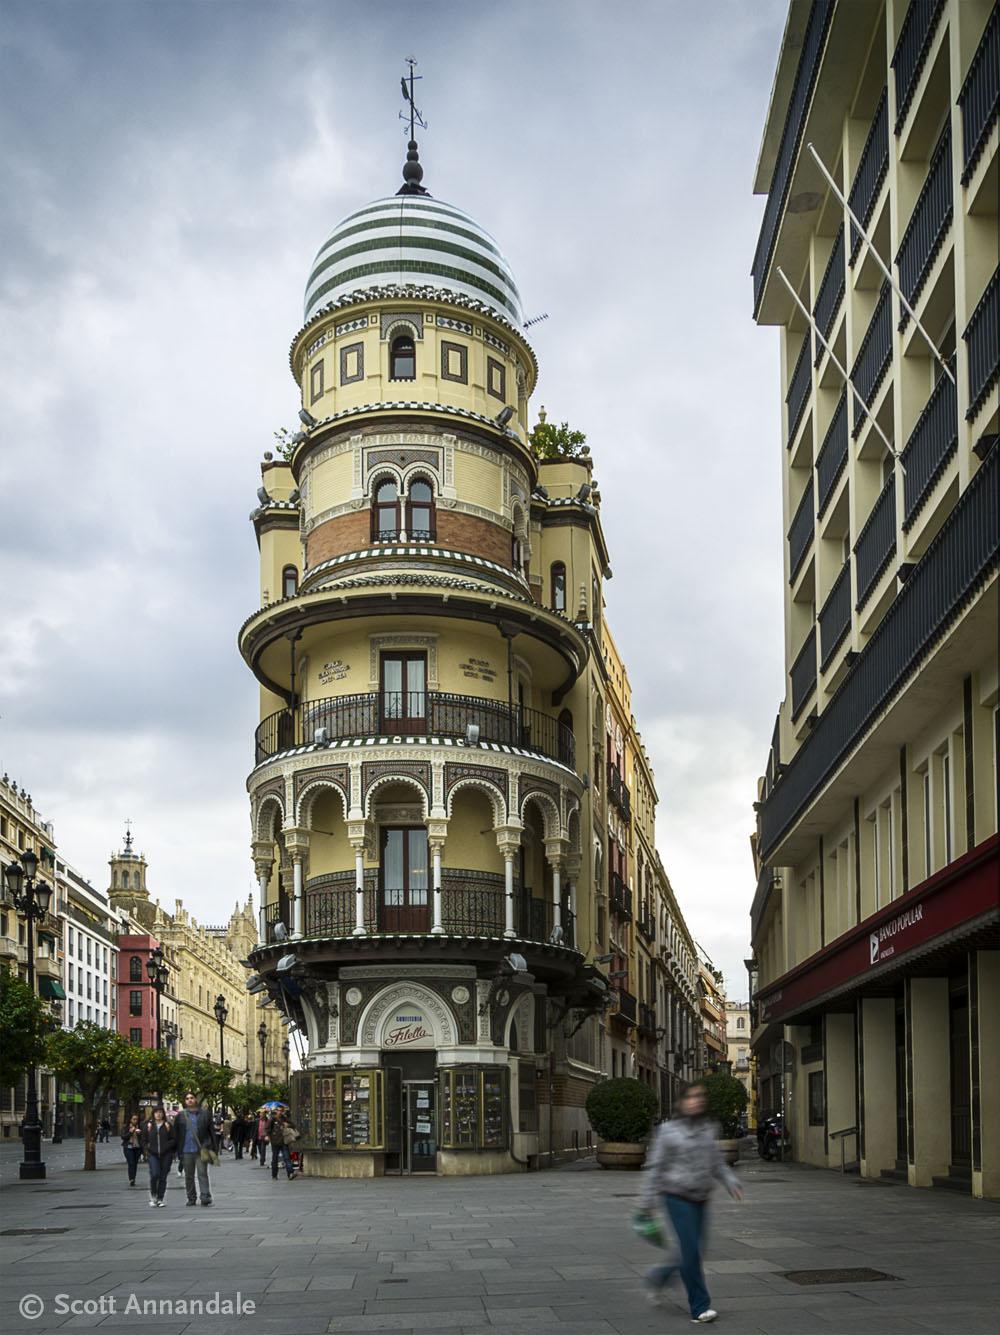 Adriatic Building, Sevilla